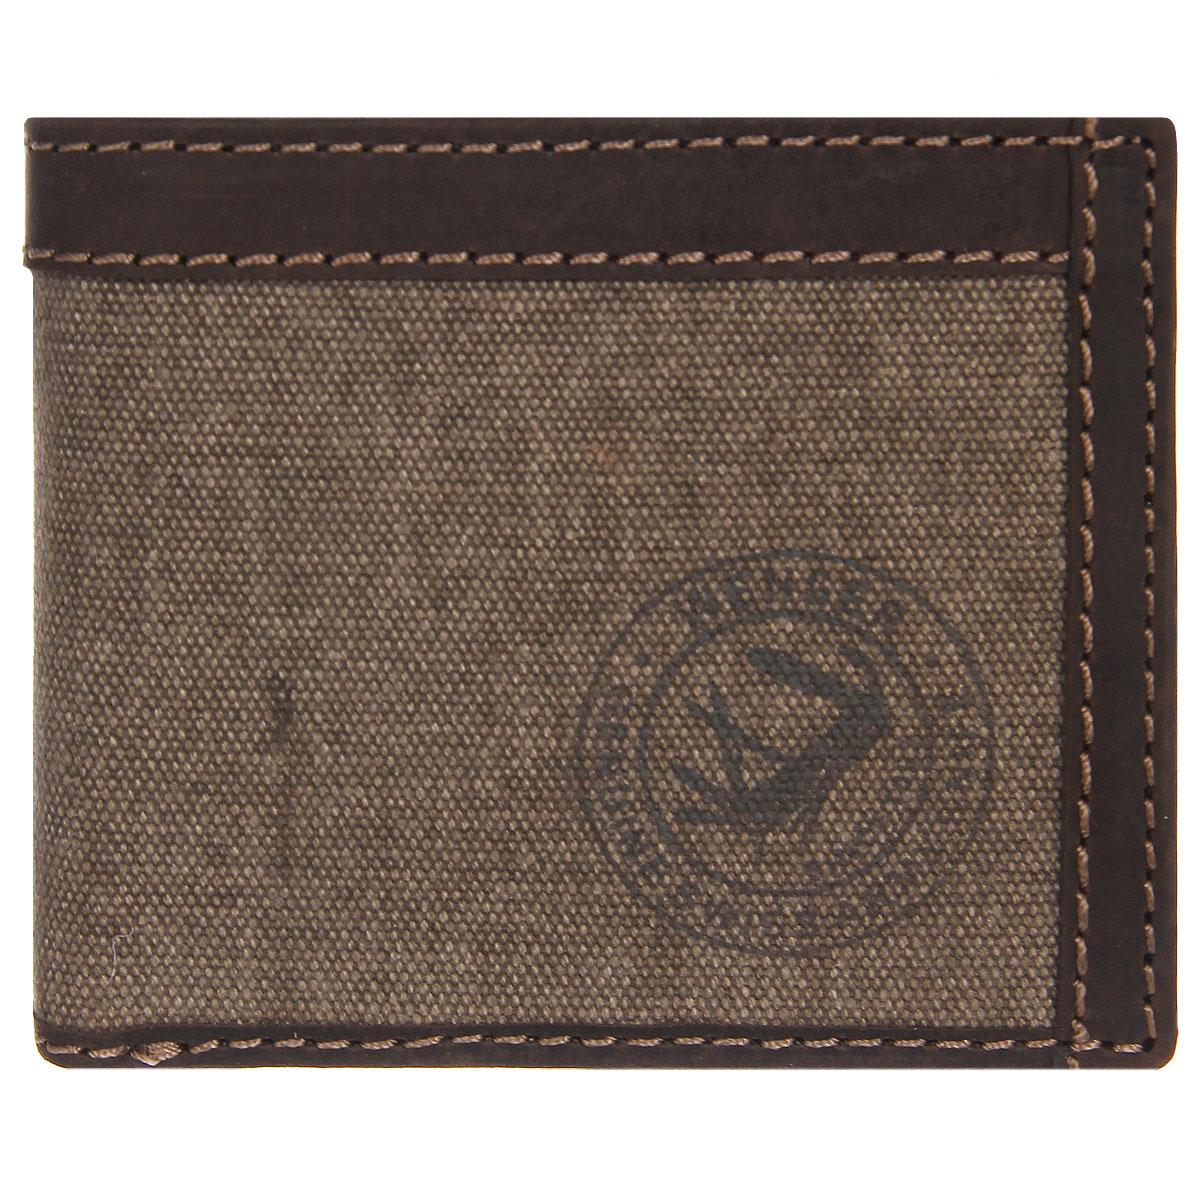 Портмоне мужское Wenger, цвет: коричневый. W19-03W19-03BROWNТрендовое мужское портмоне Wenger изготовлено из натуральной кожи и текстиля и оформлено светлой прострочкой, а также логотипом бренда на лицевой стороне. Внутри - одно отделение для купюр, отсек для мелочи на застежке-кнопке, два боковых кармана и четыре прорези для визиток и кредитных карт. Перекидной блок дополнен четырьмя прорезями, боковым карманом и карманом с окошком из прозрачного пластика. Внутренняя поверхность отделана твилом с узором гусиная лапка. Портмоне упаковано в фирменную коробку. Модное портмоне Wenger займет достойное место среди вашей коллекции аксессуаров. По всем вопросам гарантийного и постгарантийного обслуживания рюкзаков, чемоданов, спортивных и кожаных сумок, а также портмоне марок Wenger и SwissGear вы можете обратиться в сервис-центр, расположенный по адресу: г. Москва, Саввинская набережная, д.3. Тел: (495) 788-39-96, (499) 248-56-56, ежедневно с 9:00 до 21:00. Подробные условия гарантийного обслуживания...